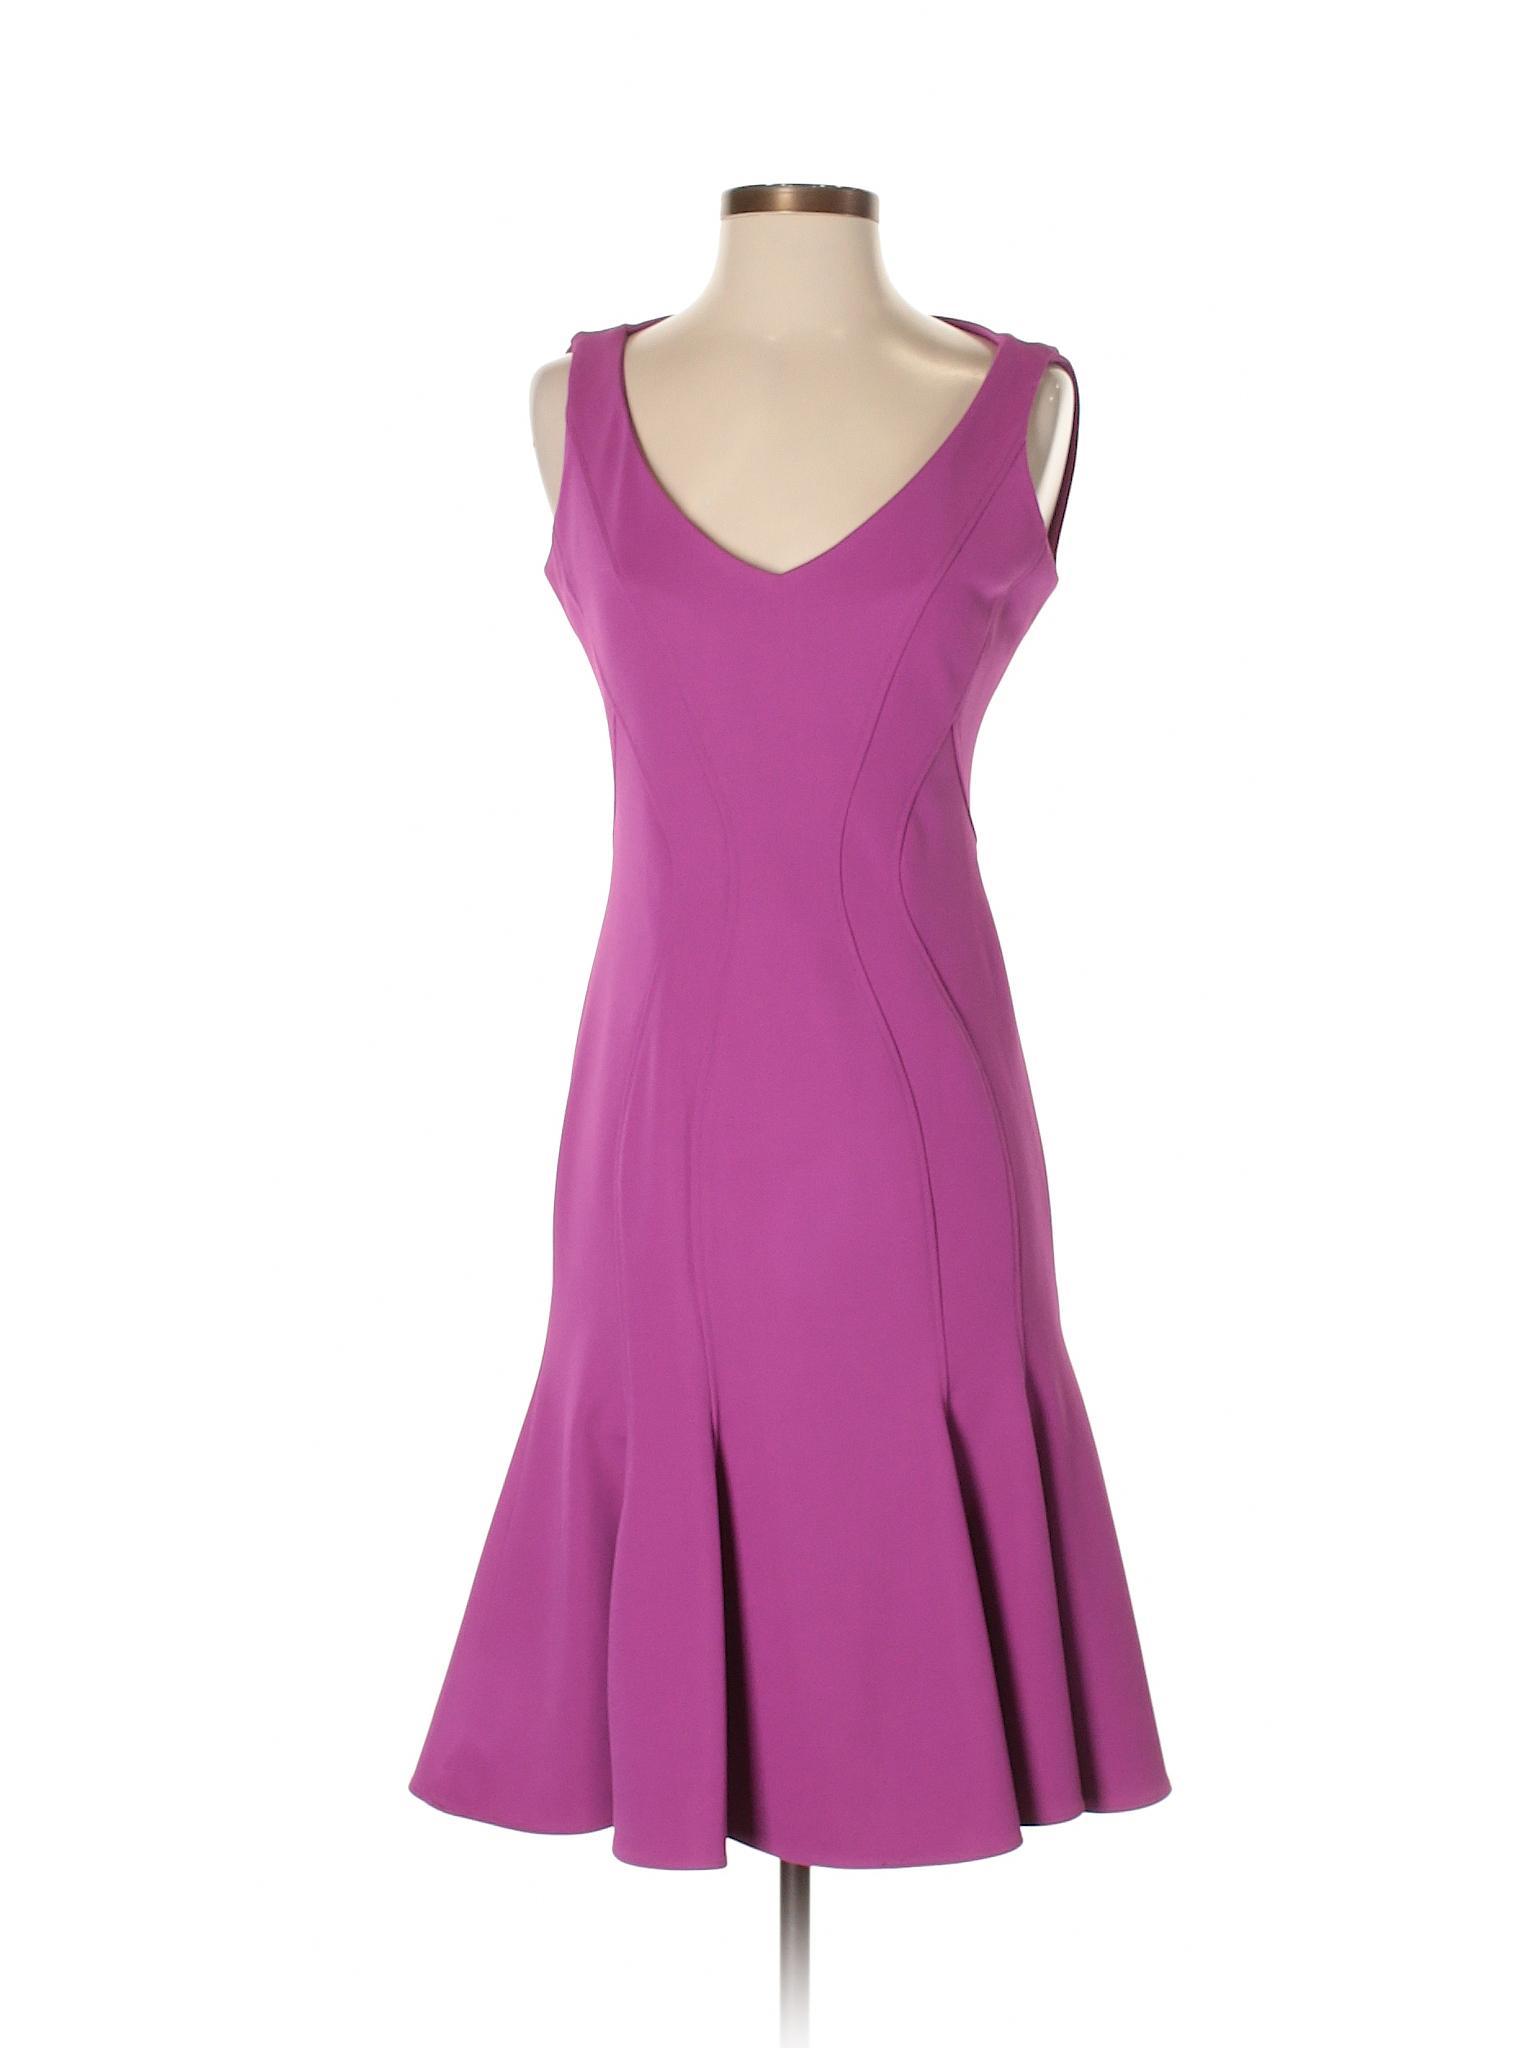 Boutique Zac Posen winter Casual ZAC Dress 11qgnC